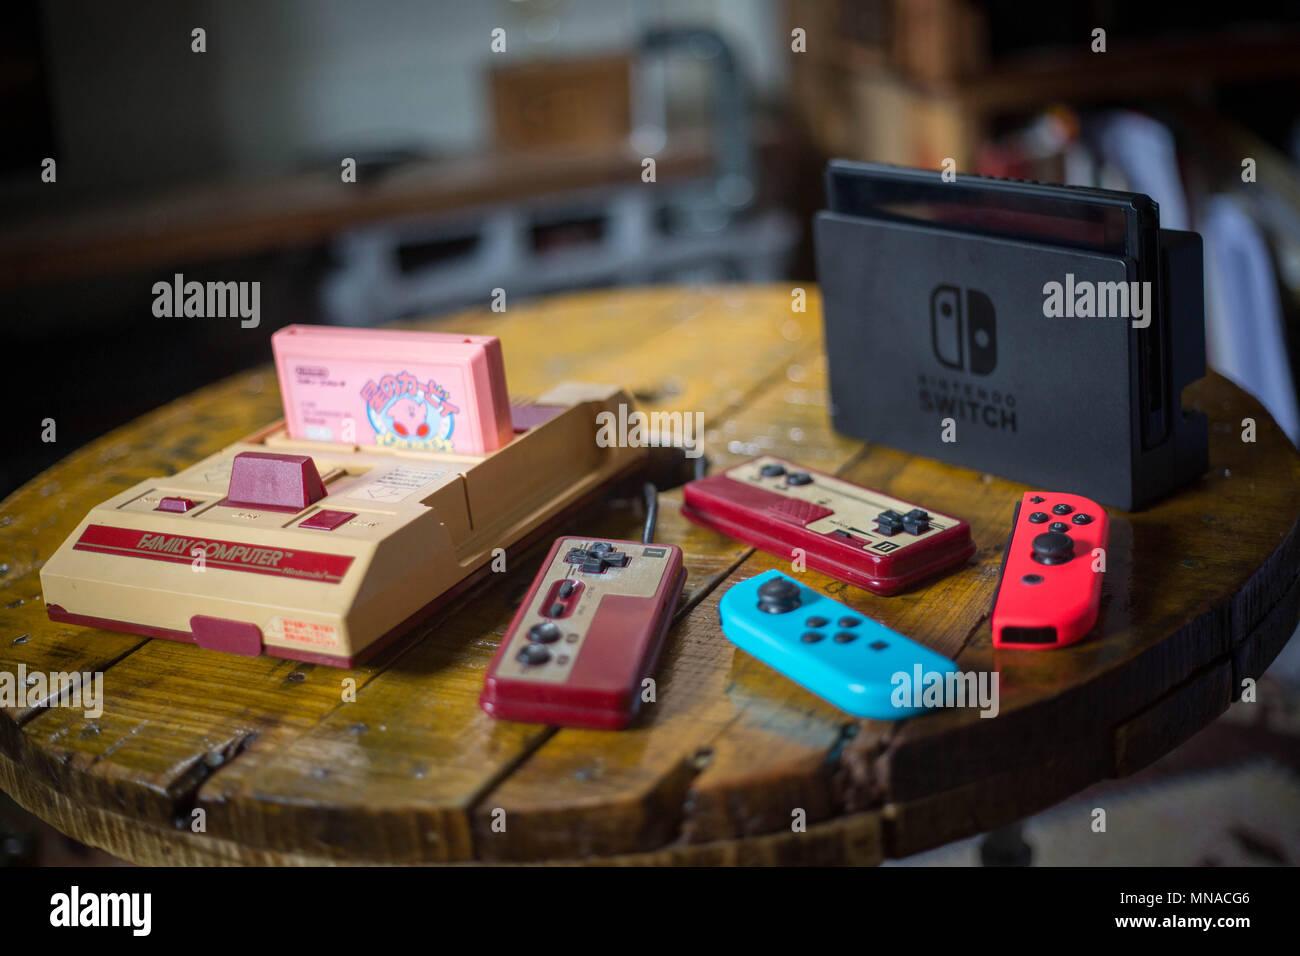 Un Viejo Vintage Mercado Japones Version De Nintendo Familia